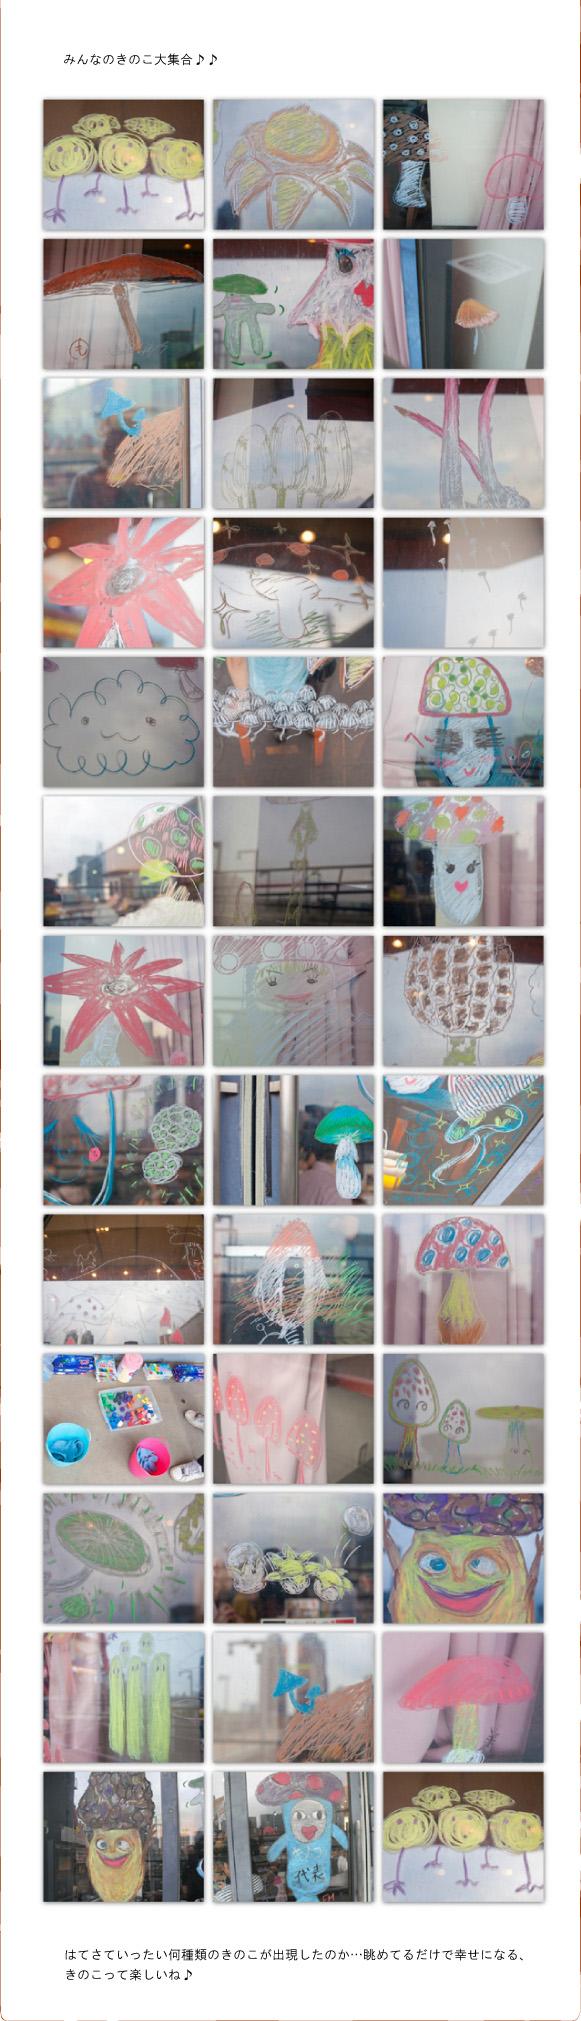 飯沢耕太郎さん、とよ田キノ子さん、堀博美さんによるキノコナイト―東京カルチャーカルチャーのガラスにみんなでキノコアート(2012年6月23日)